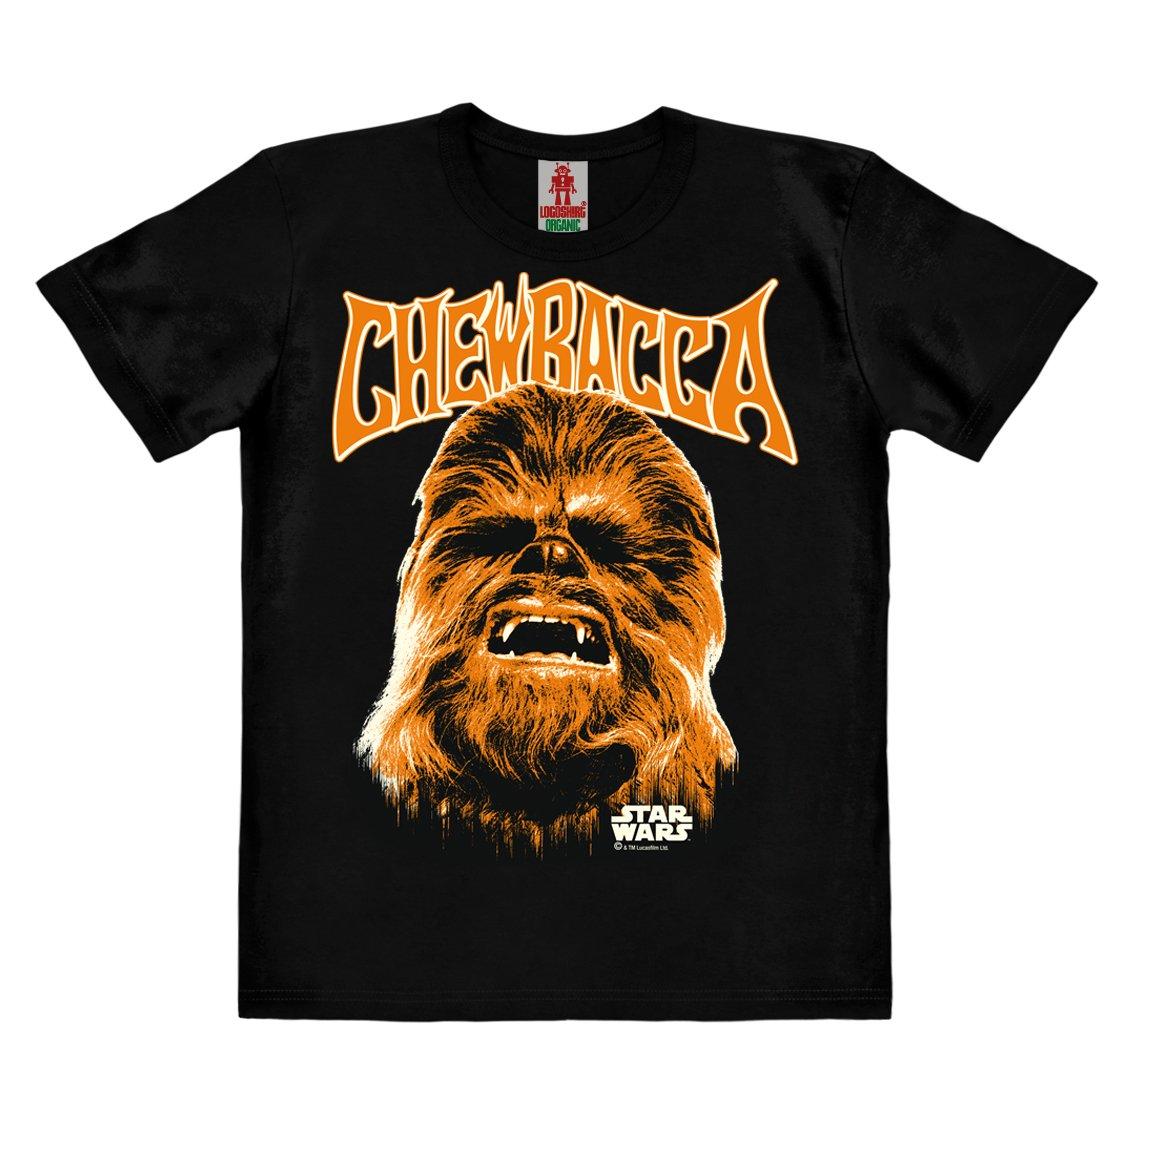 Wookiee Maglietta Organico per Bambini Nero Design Originale Concesso su Licenza Chewbecca Faccia T-Shirt Logoshirt Star Wars